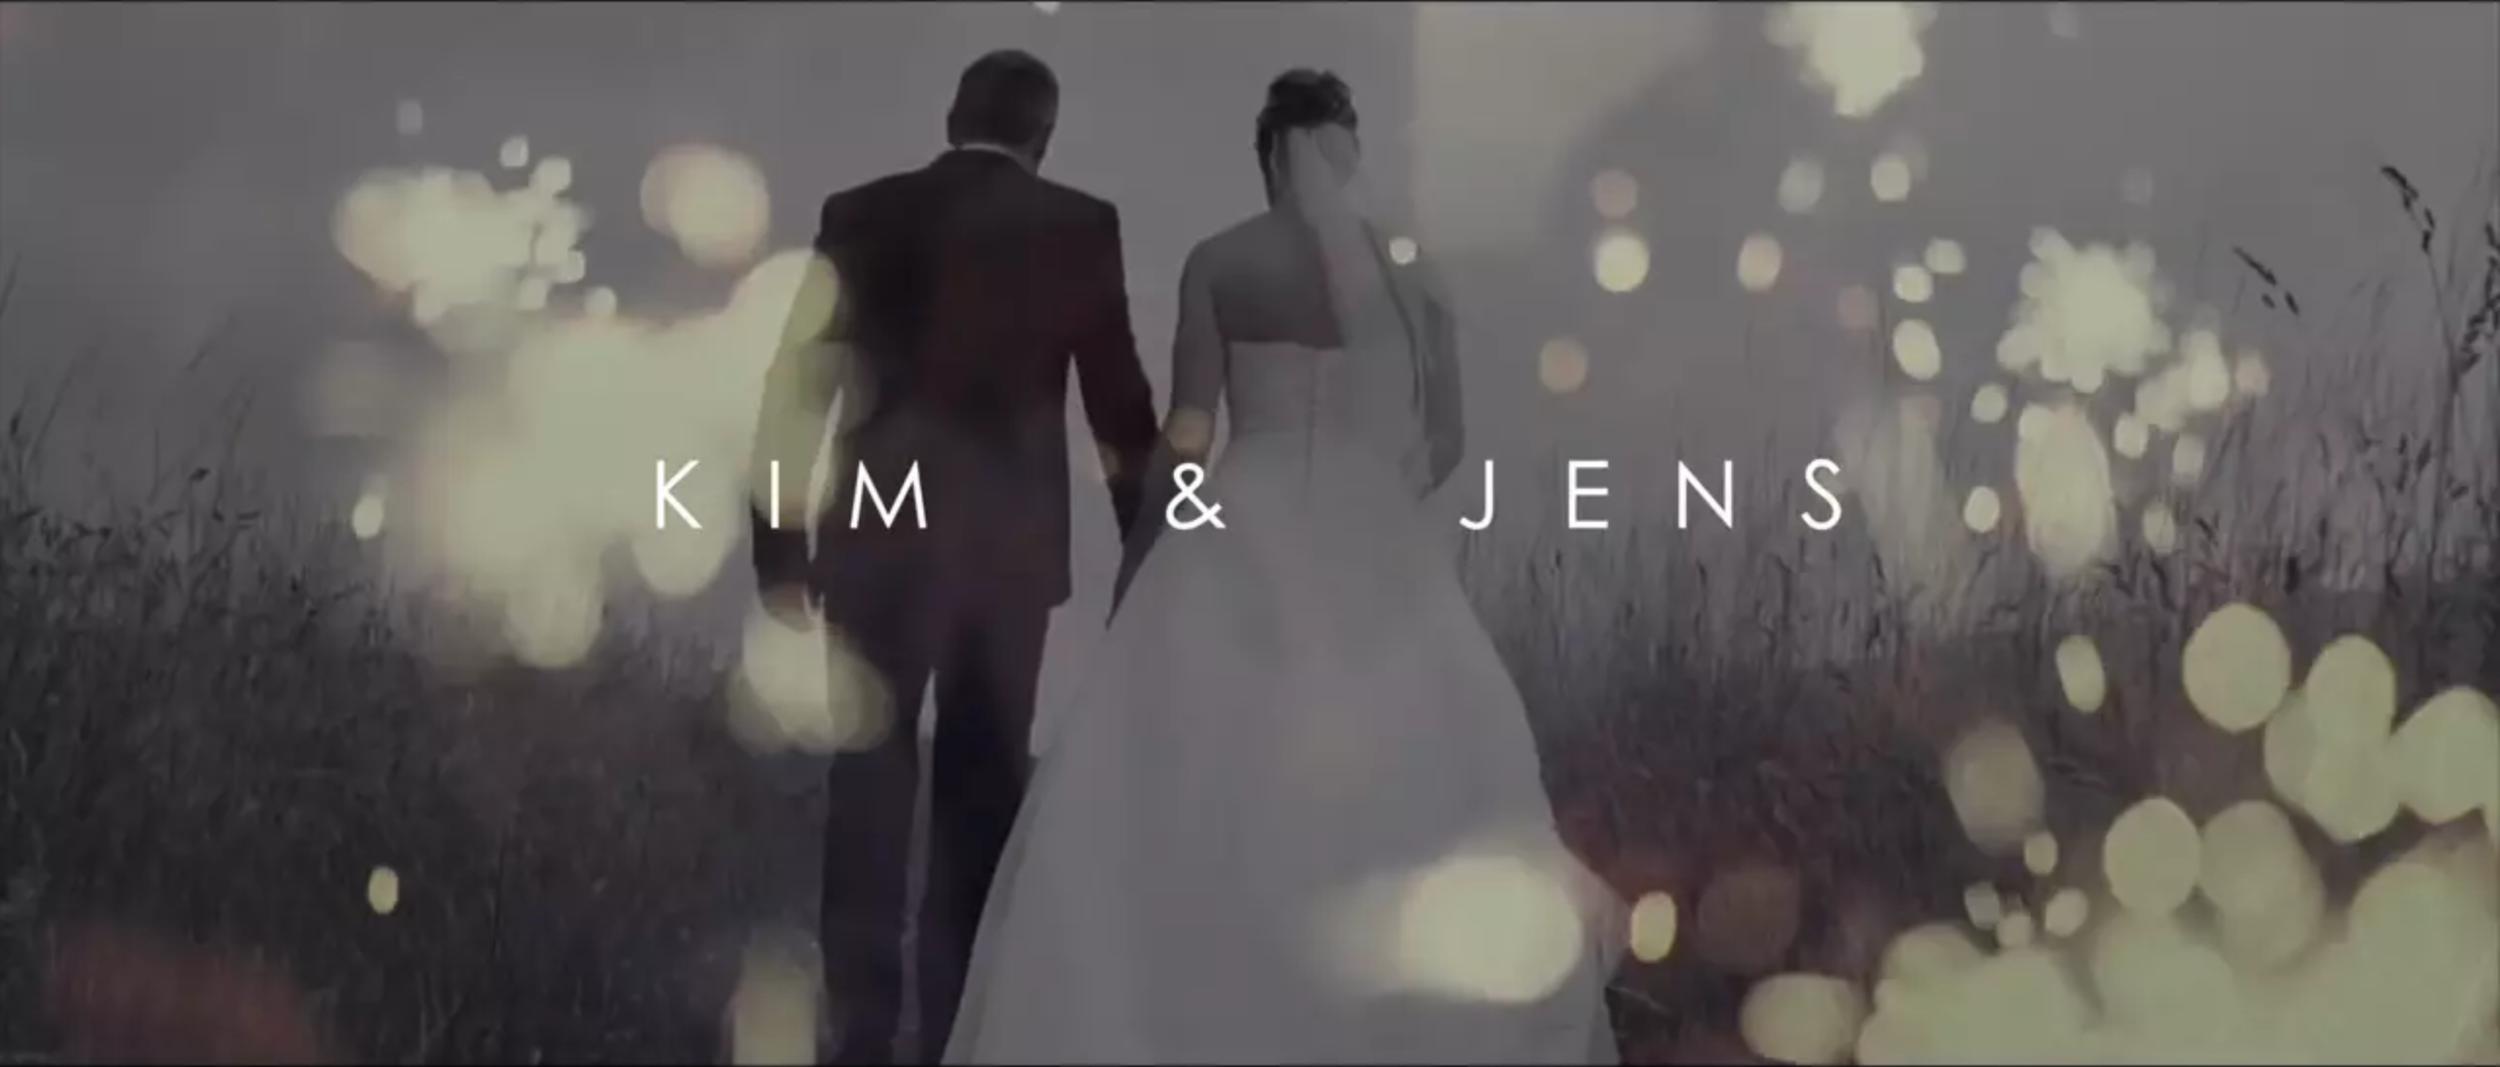 KIM & JENS / BIELEFELD